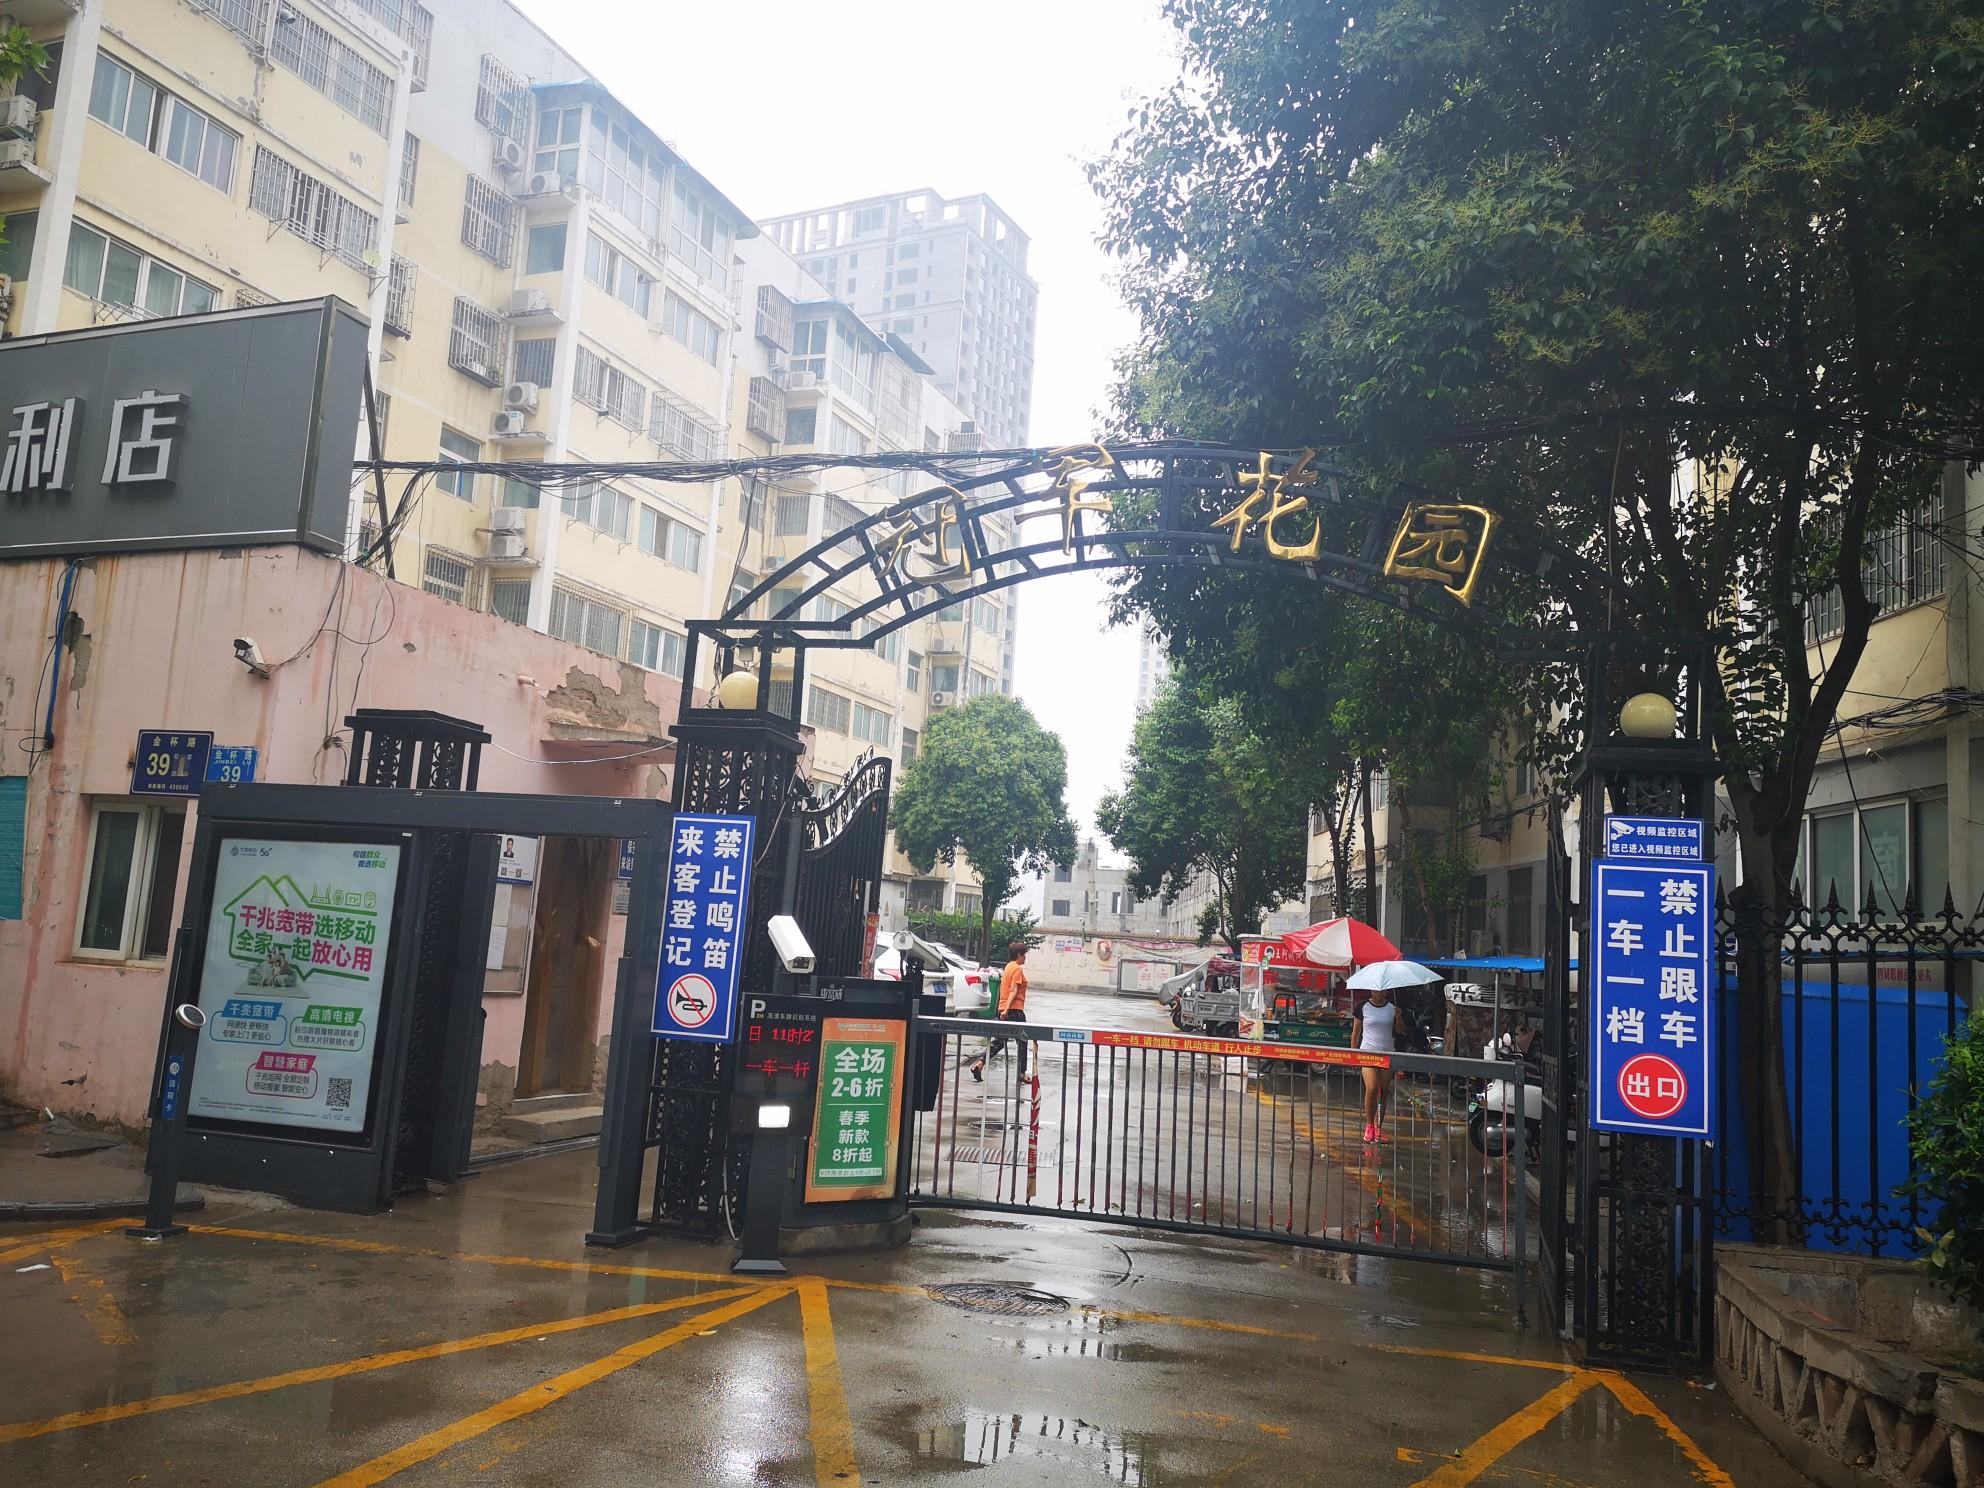 """郑州惠济区冠军花园小区绿地被侵占?业主们直呼""""蒙在鼓里"""""""